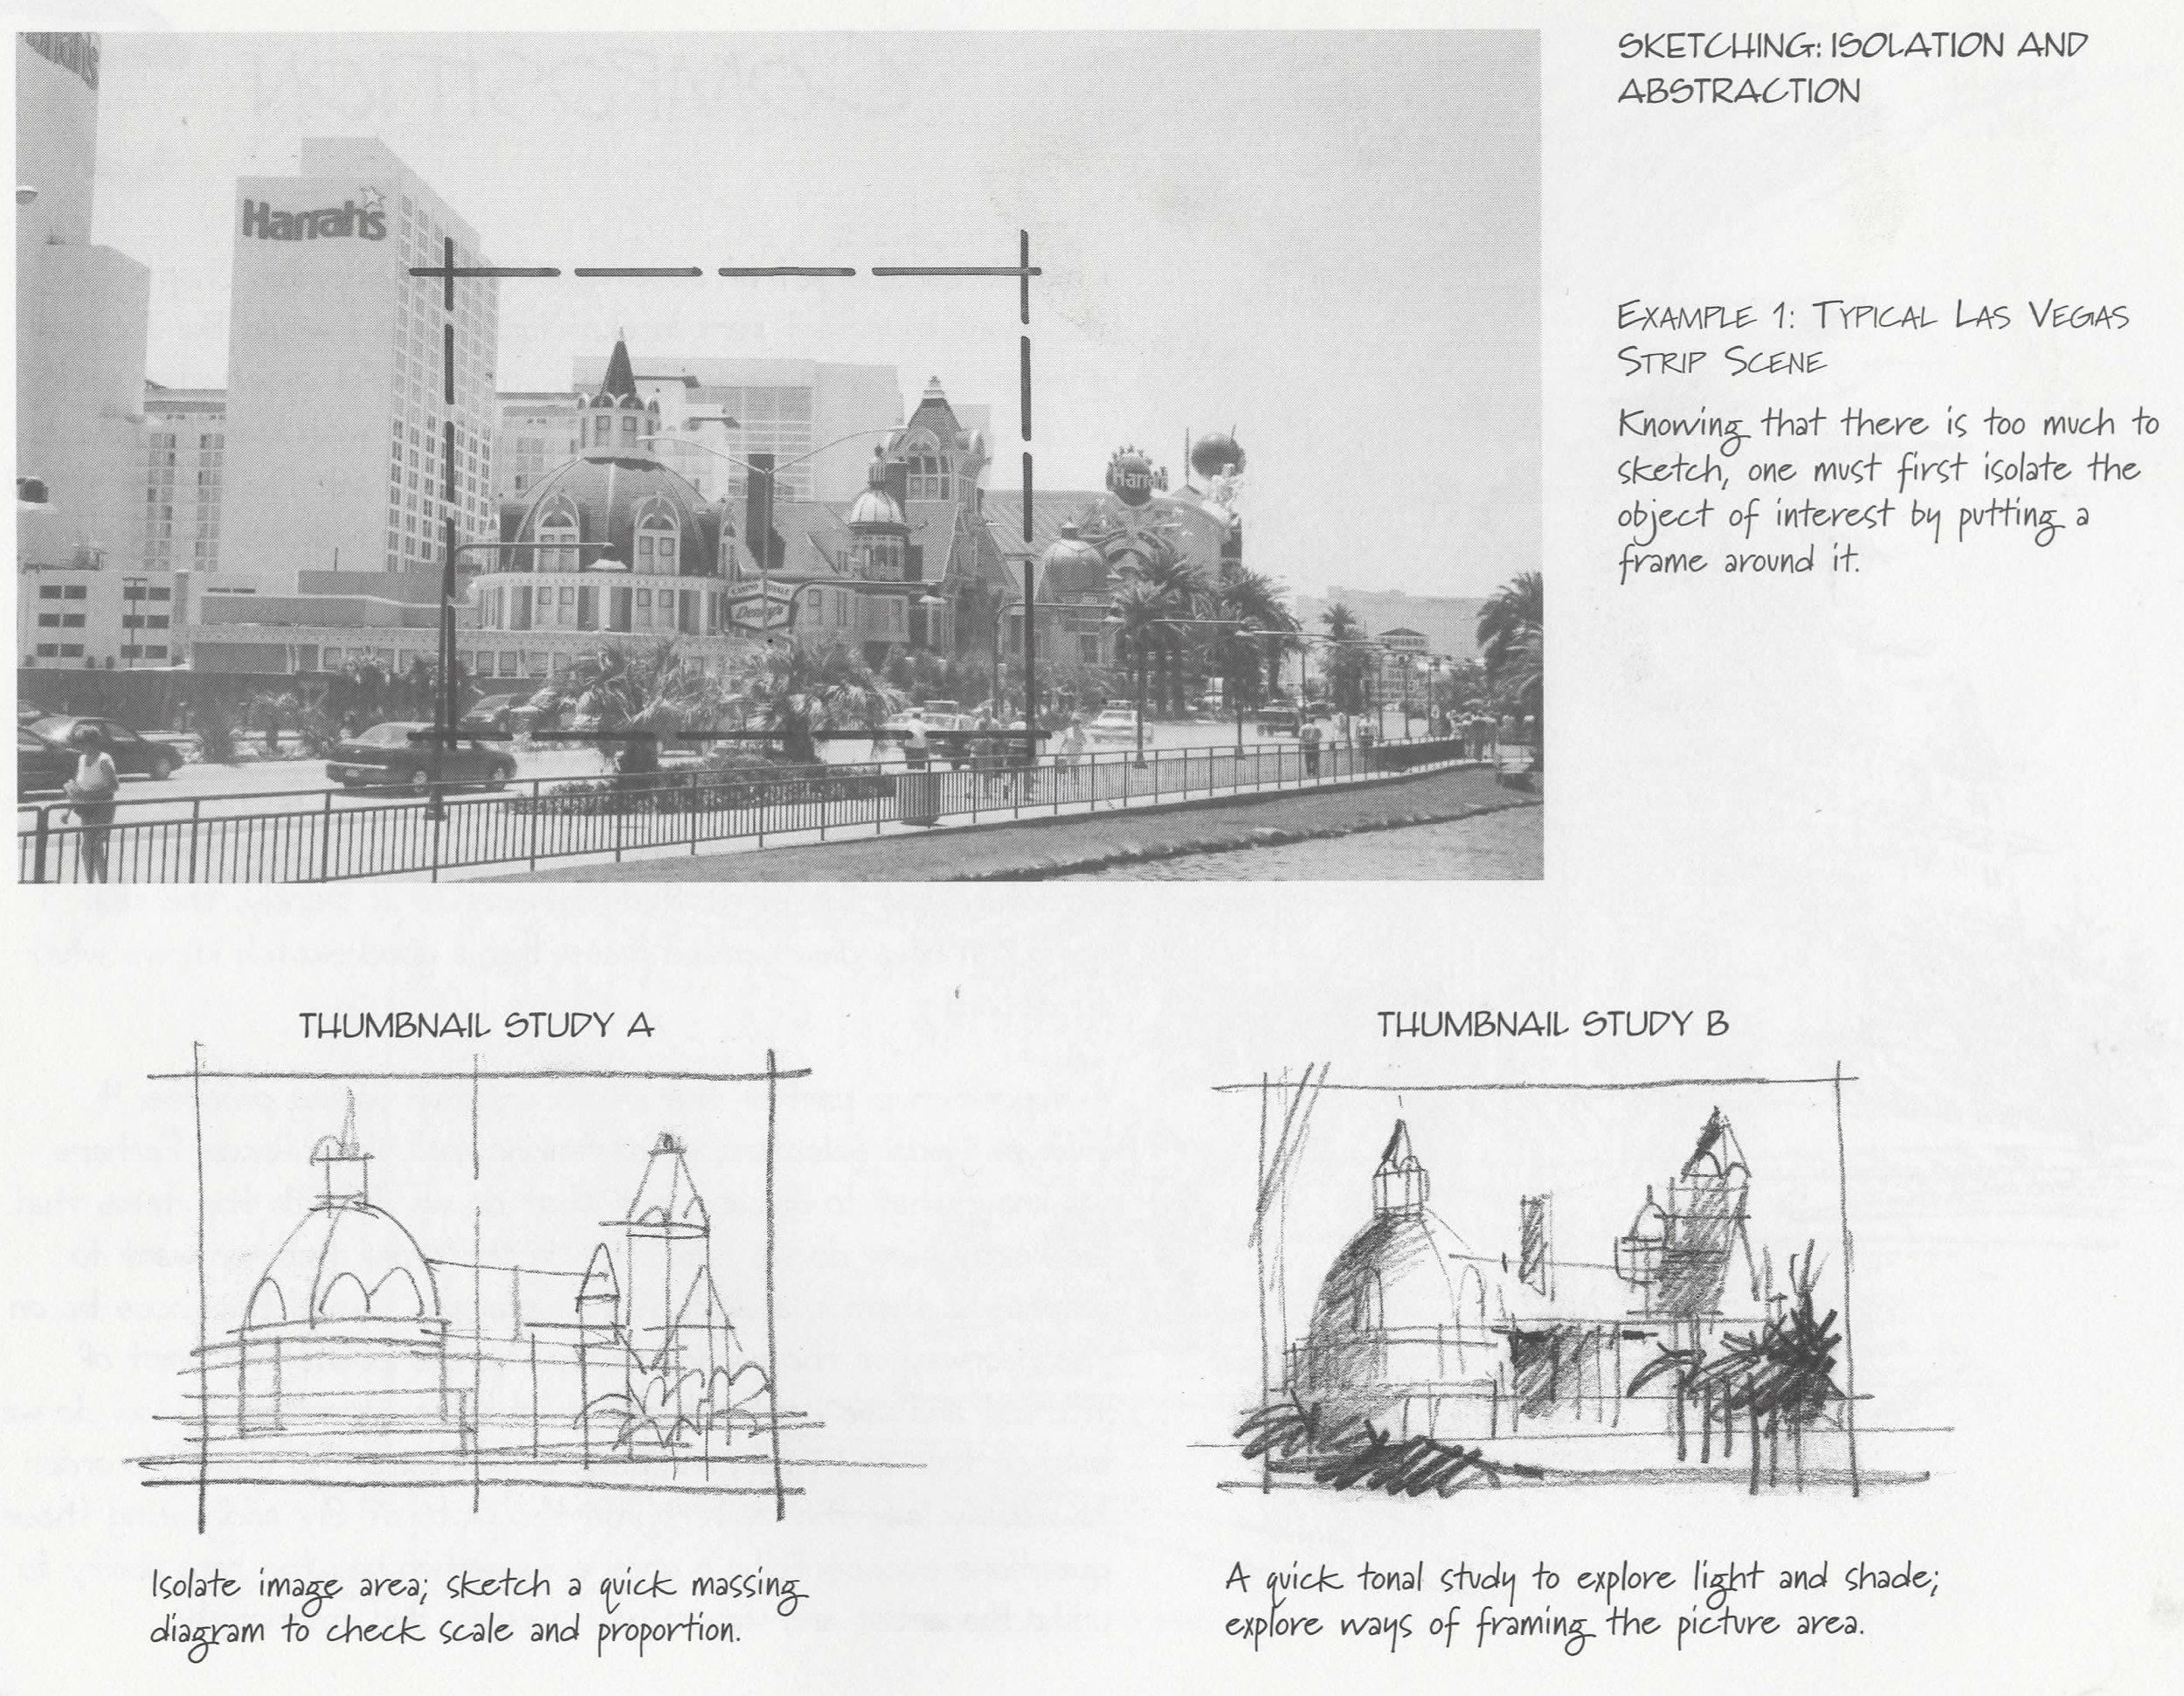 Wang, Thomas C.. Pencil Sketching, 2nd ed . New York: Wiley, 2002.72. Print.